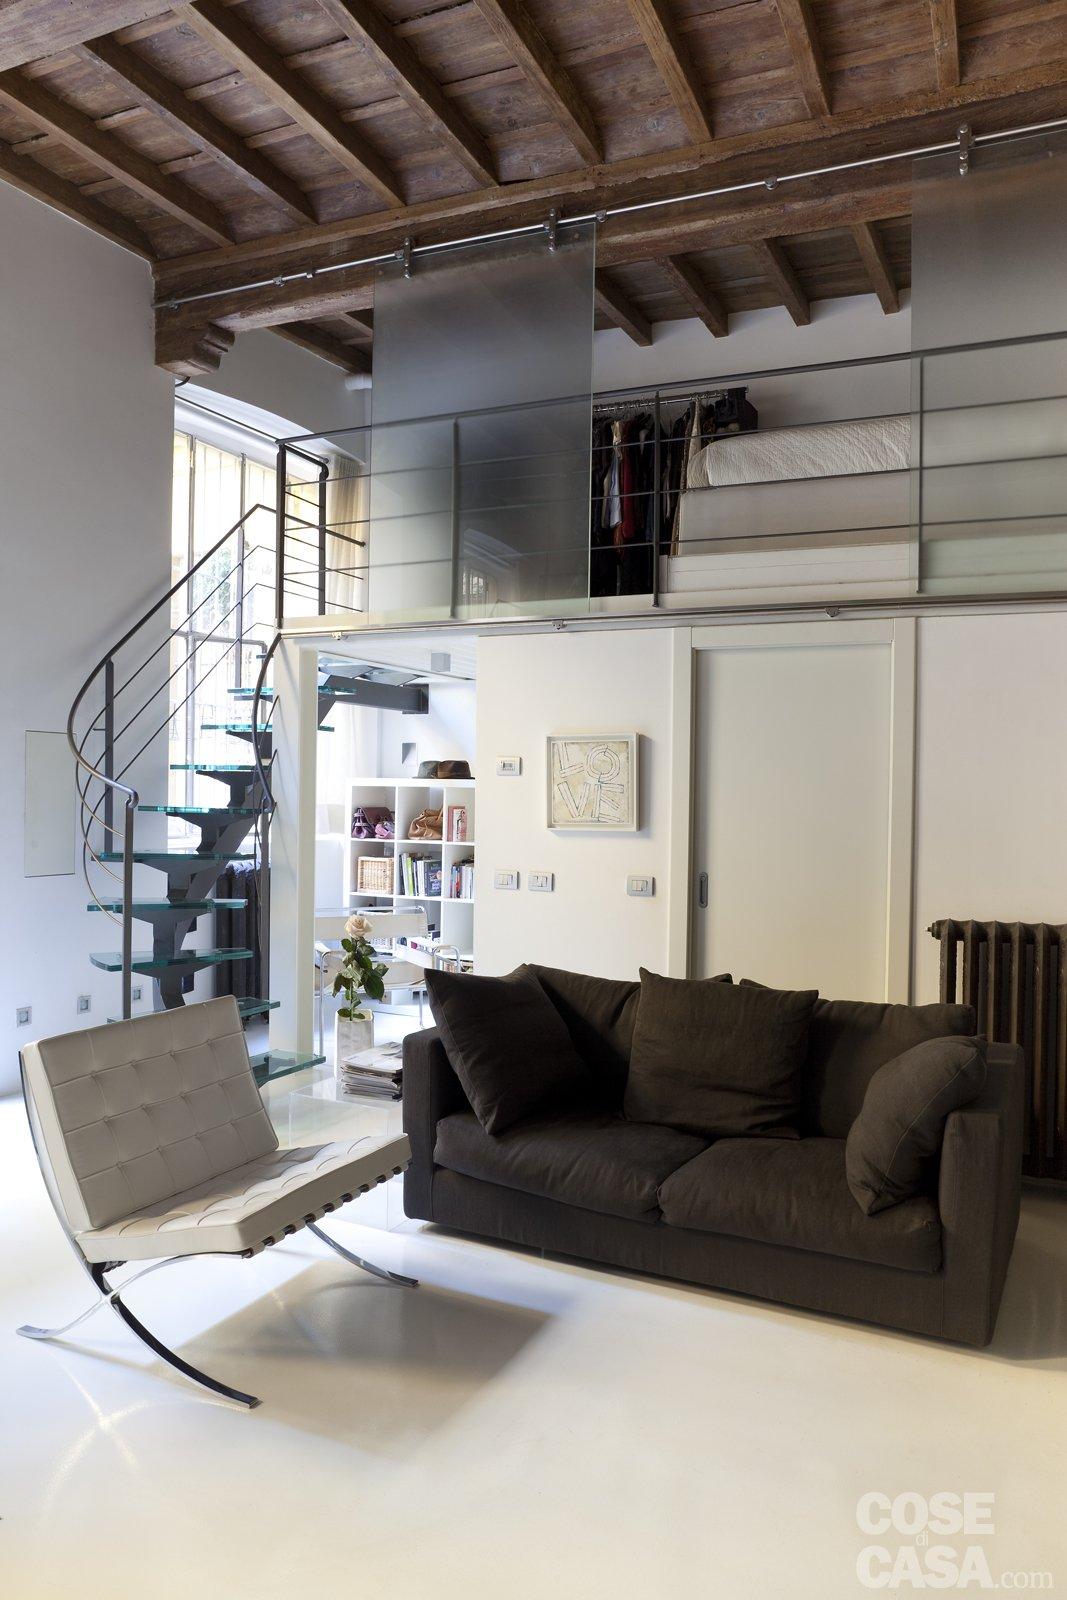 Mini loft la casa recupera spazio con nuovi soppalchi for Piani casa piccola casetta con soppalco